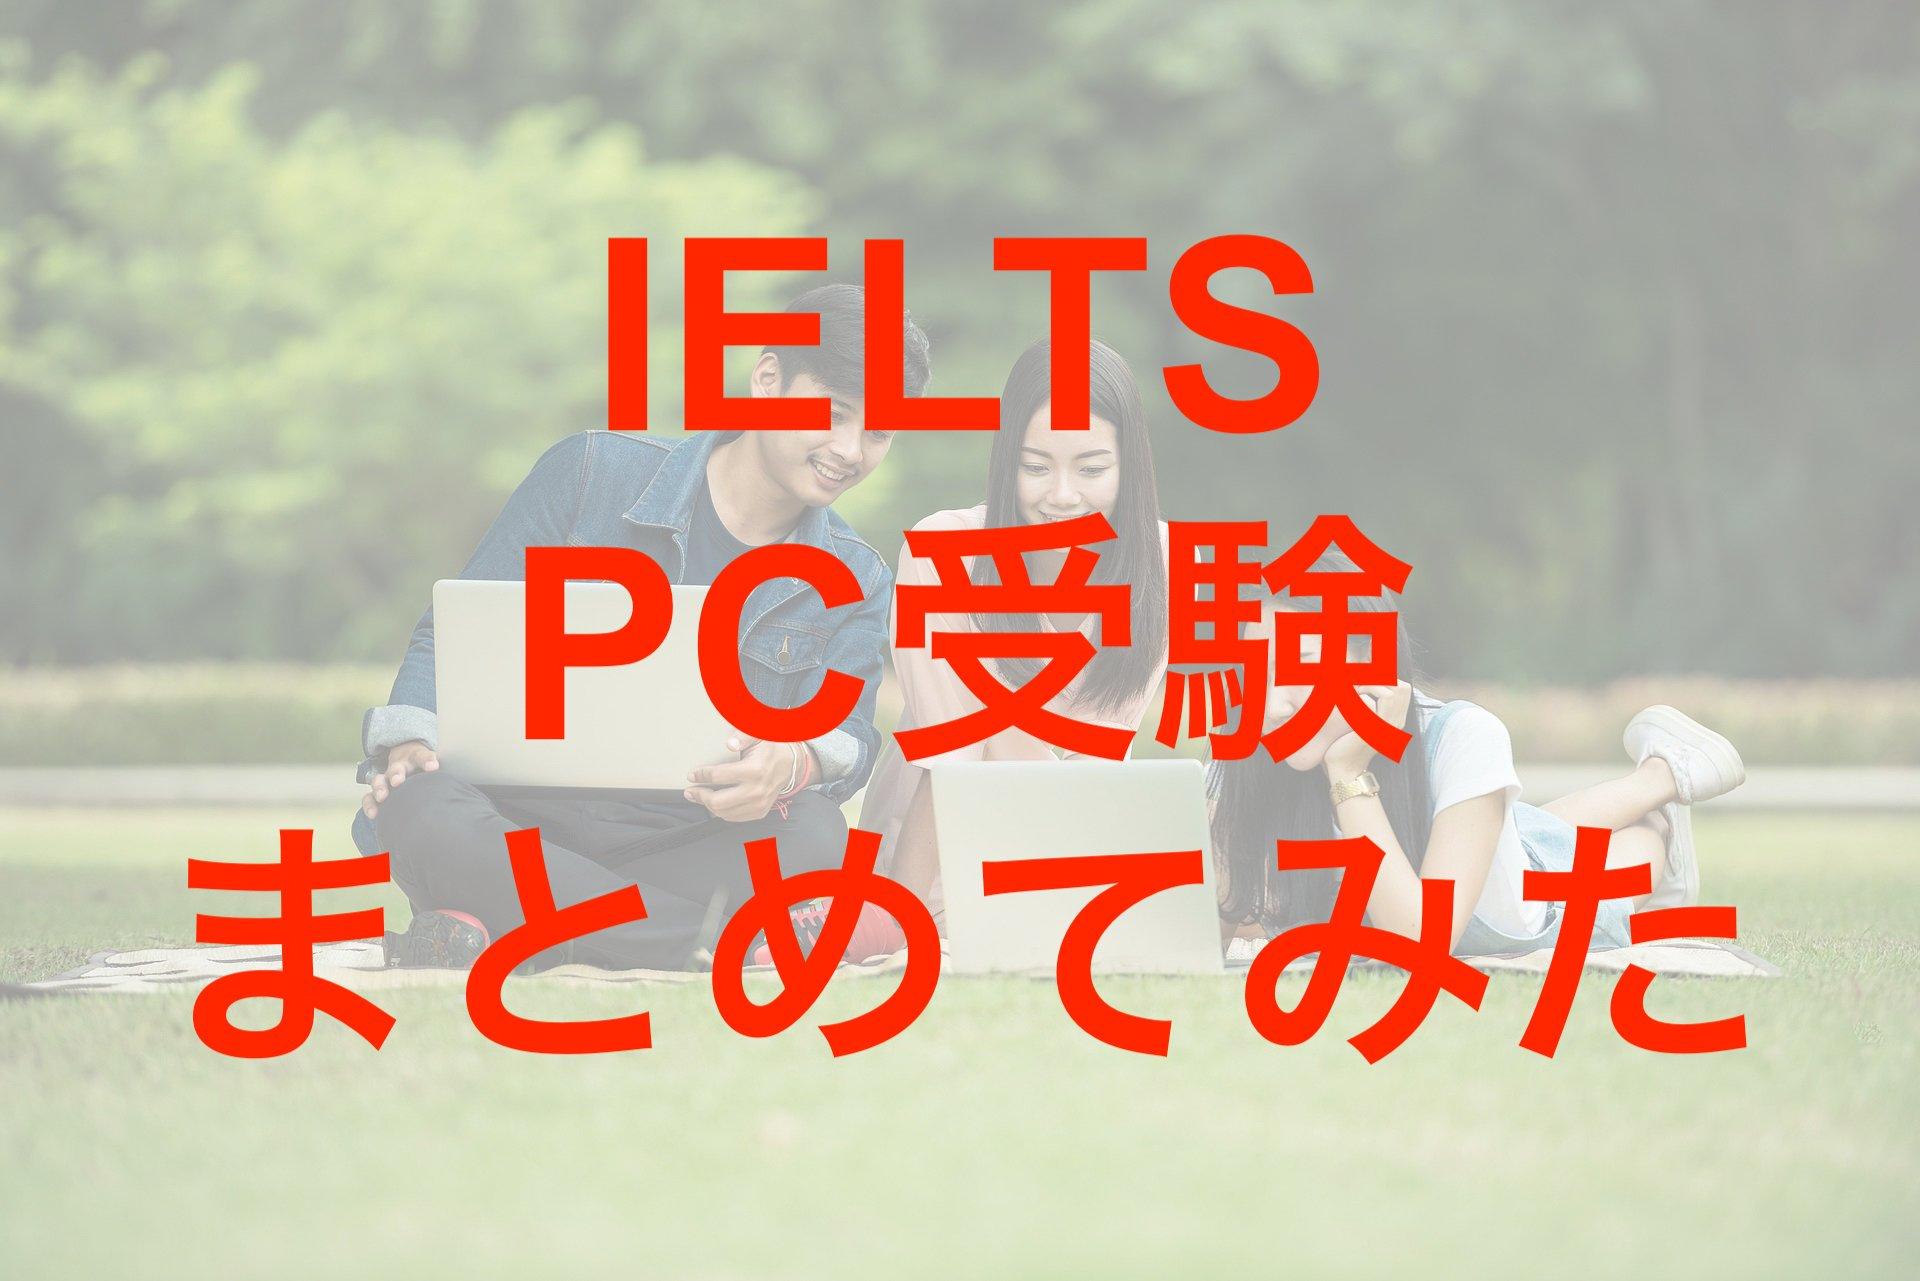 IELTS「コンピューター」OR「ペーパー」それぞれのメリットとデメリット